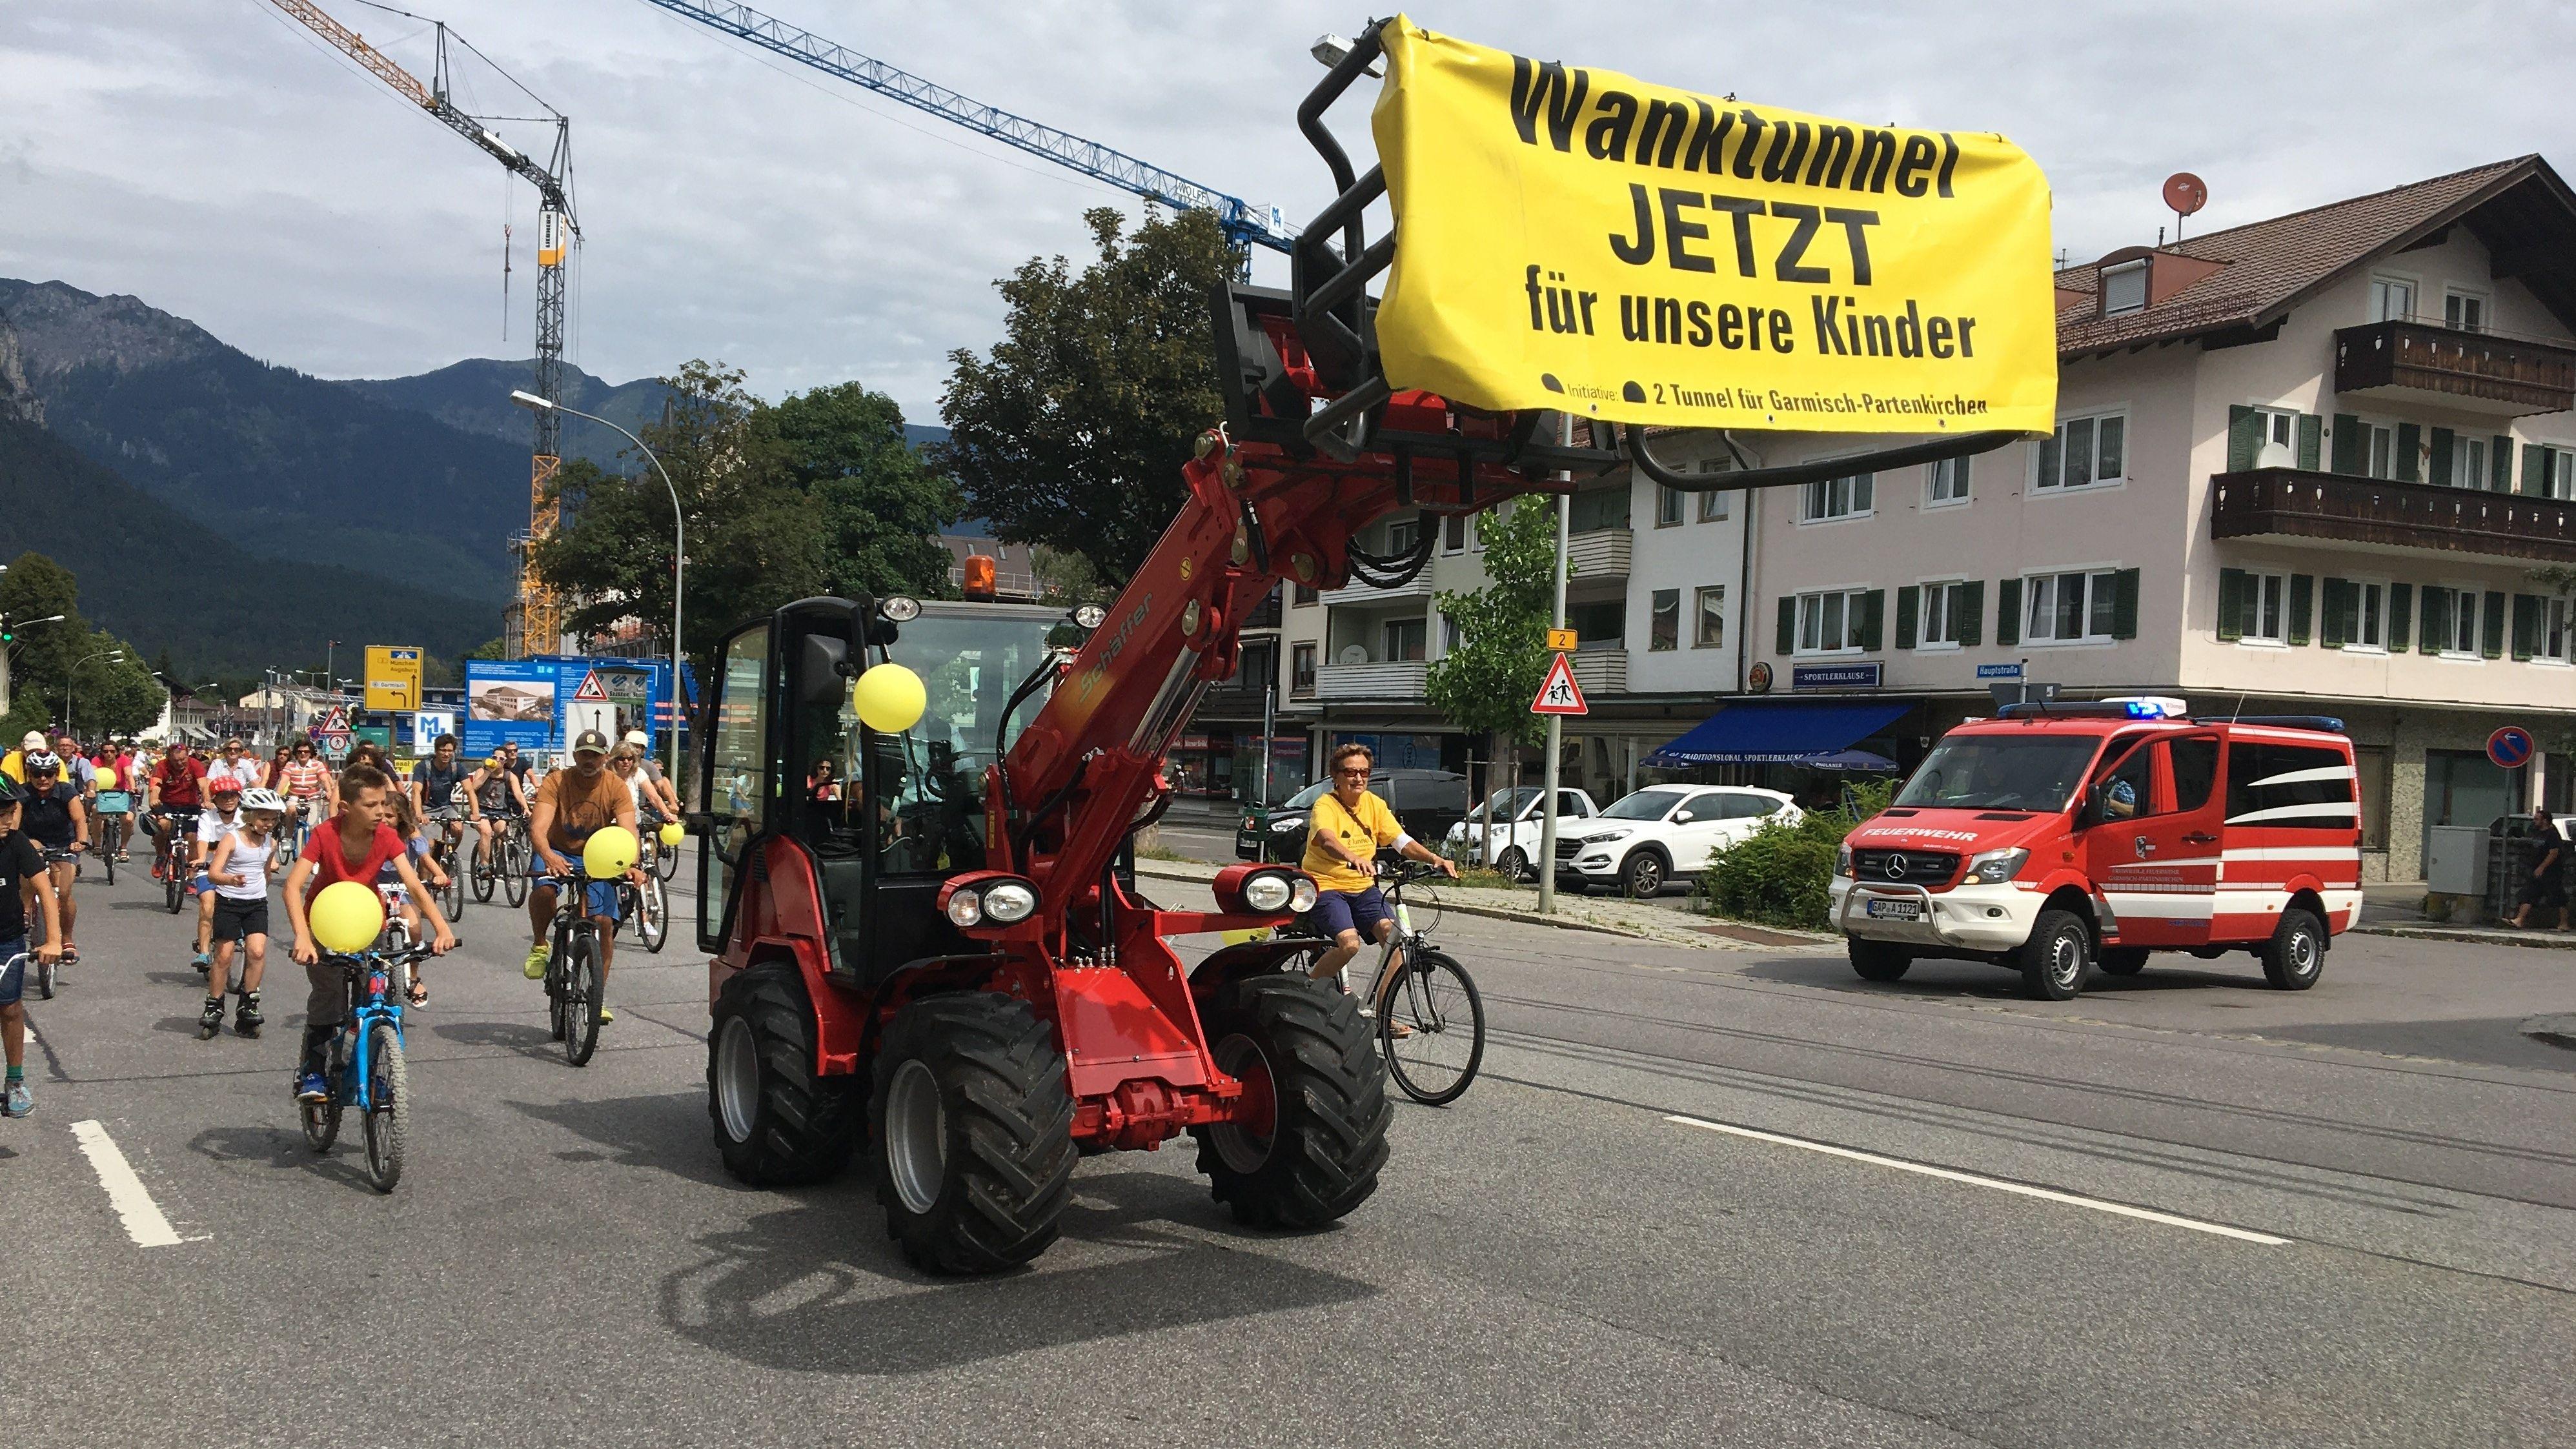 Radl-Demo in Garmisch-Partenkirchen am 27.07.2019